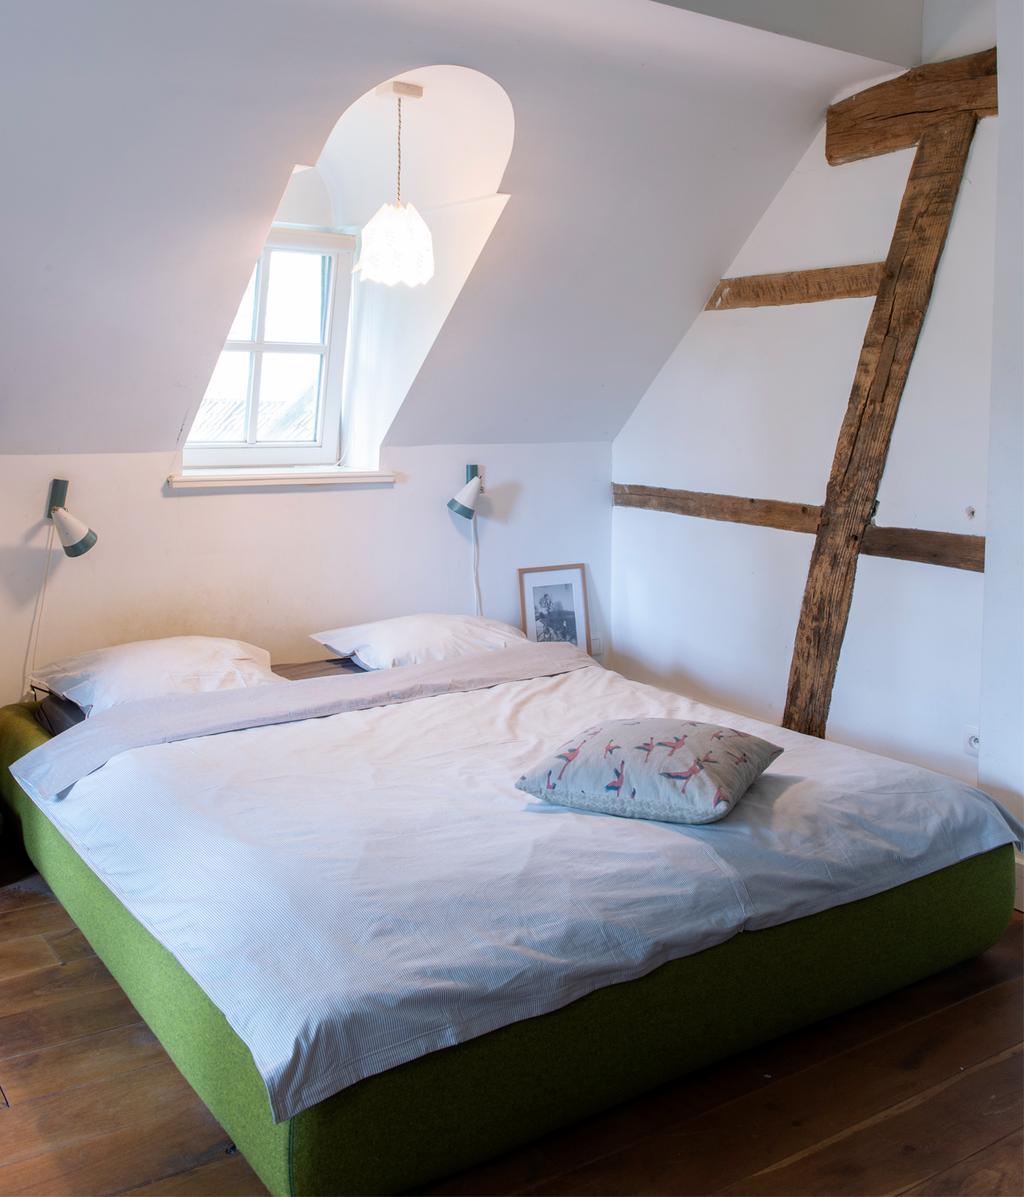 Lichte slaapkamer | Landelijk | vtwonen 01-2021